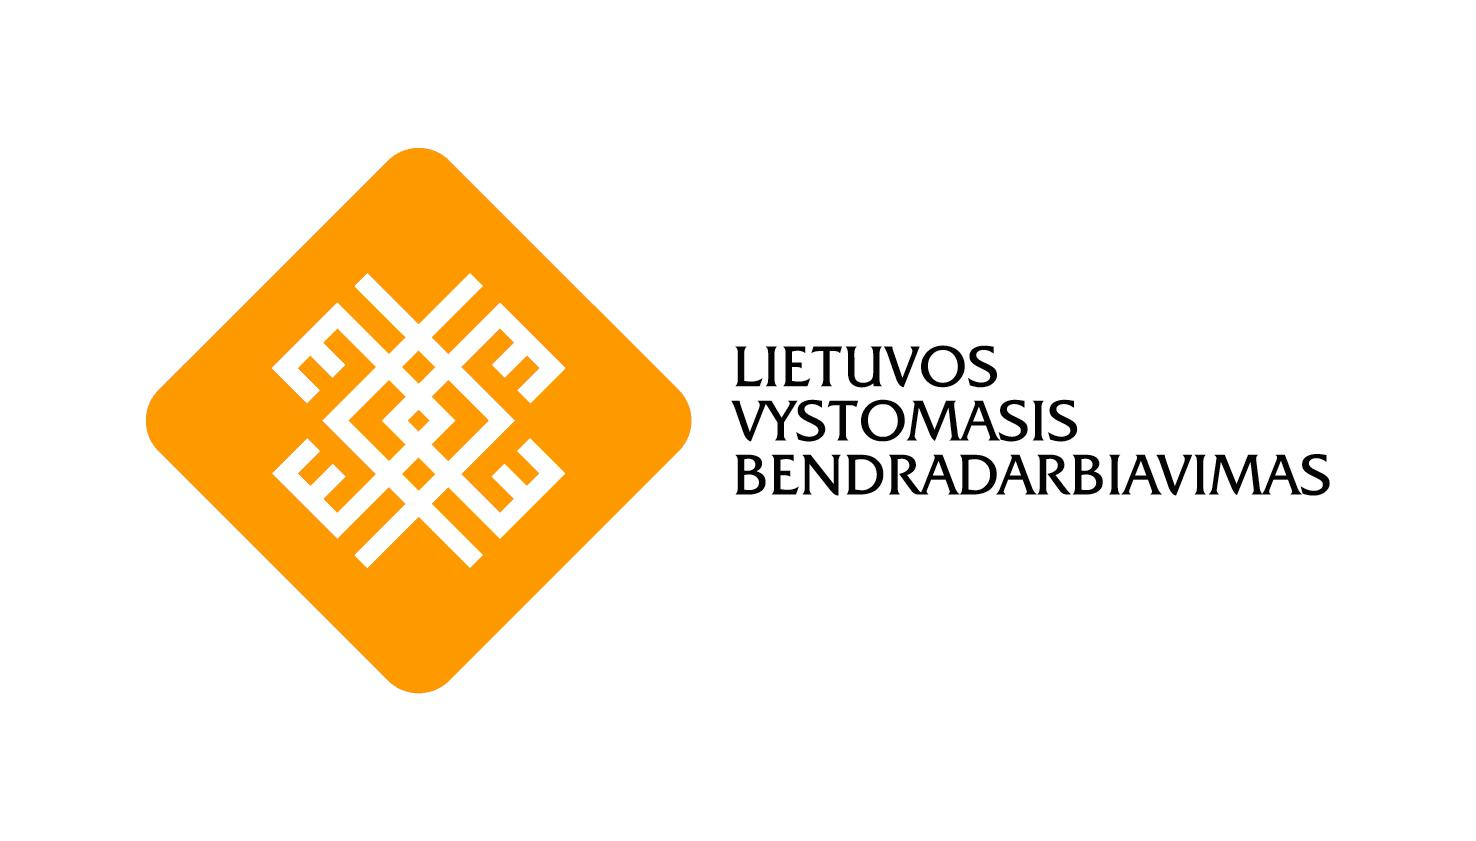 vystomasis bendradarbiavimas logo